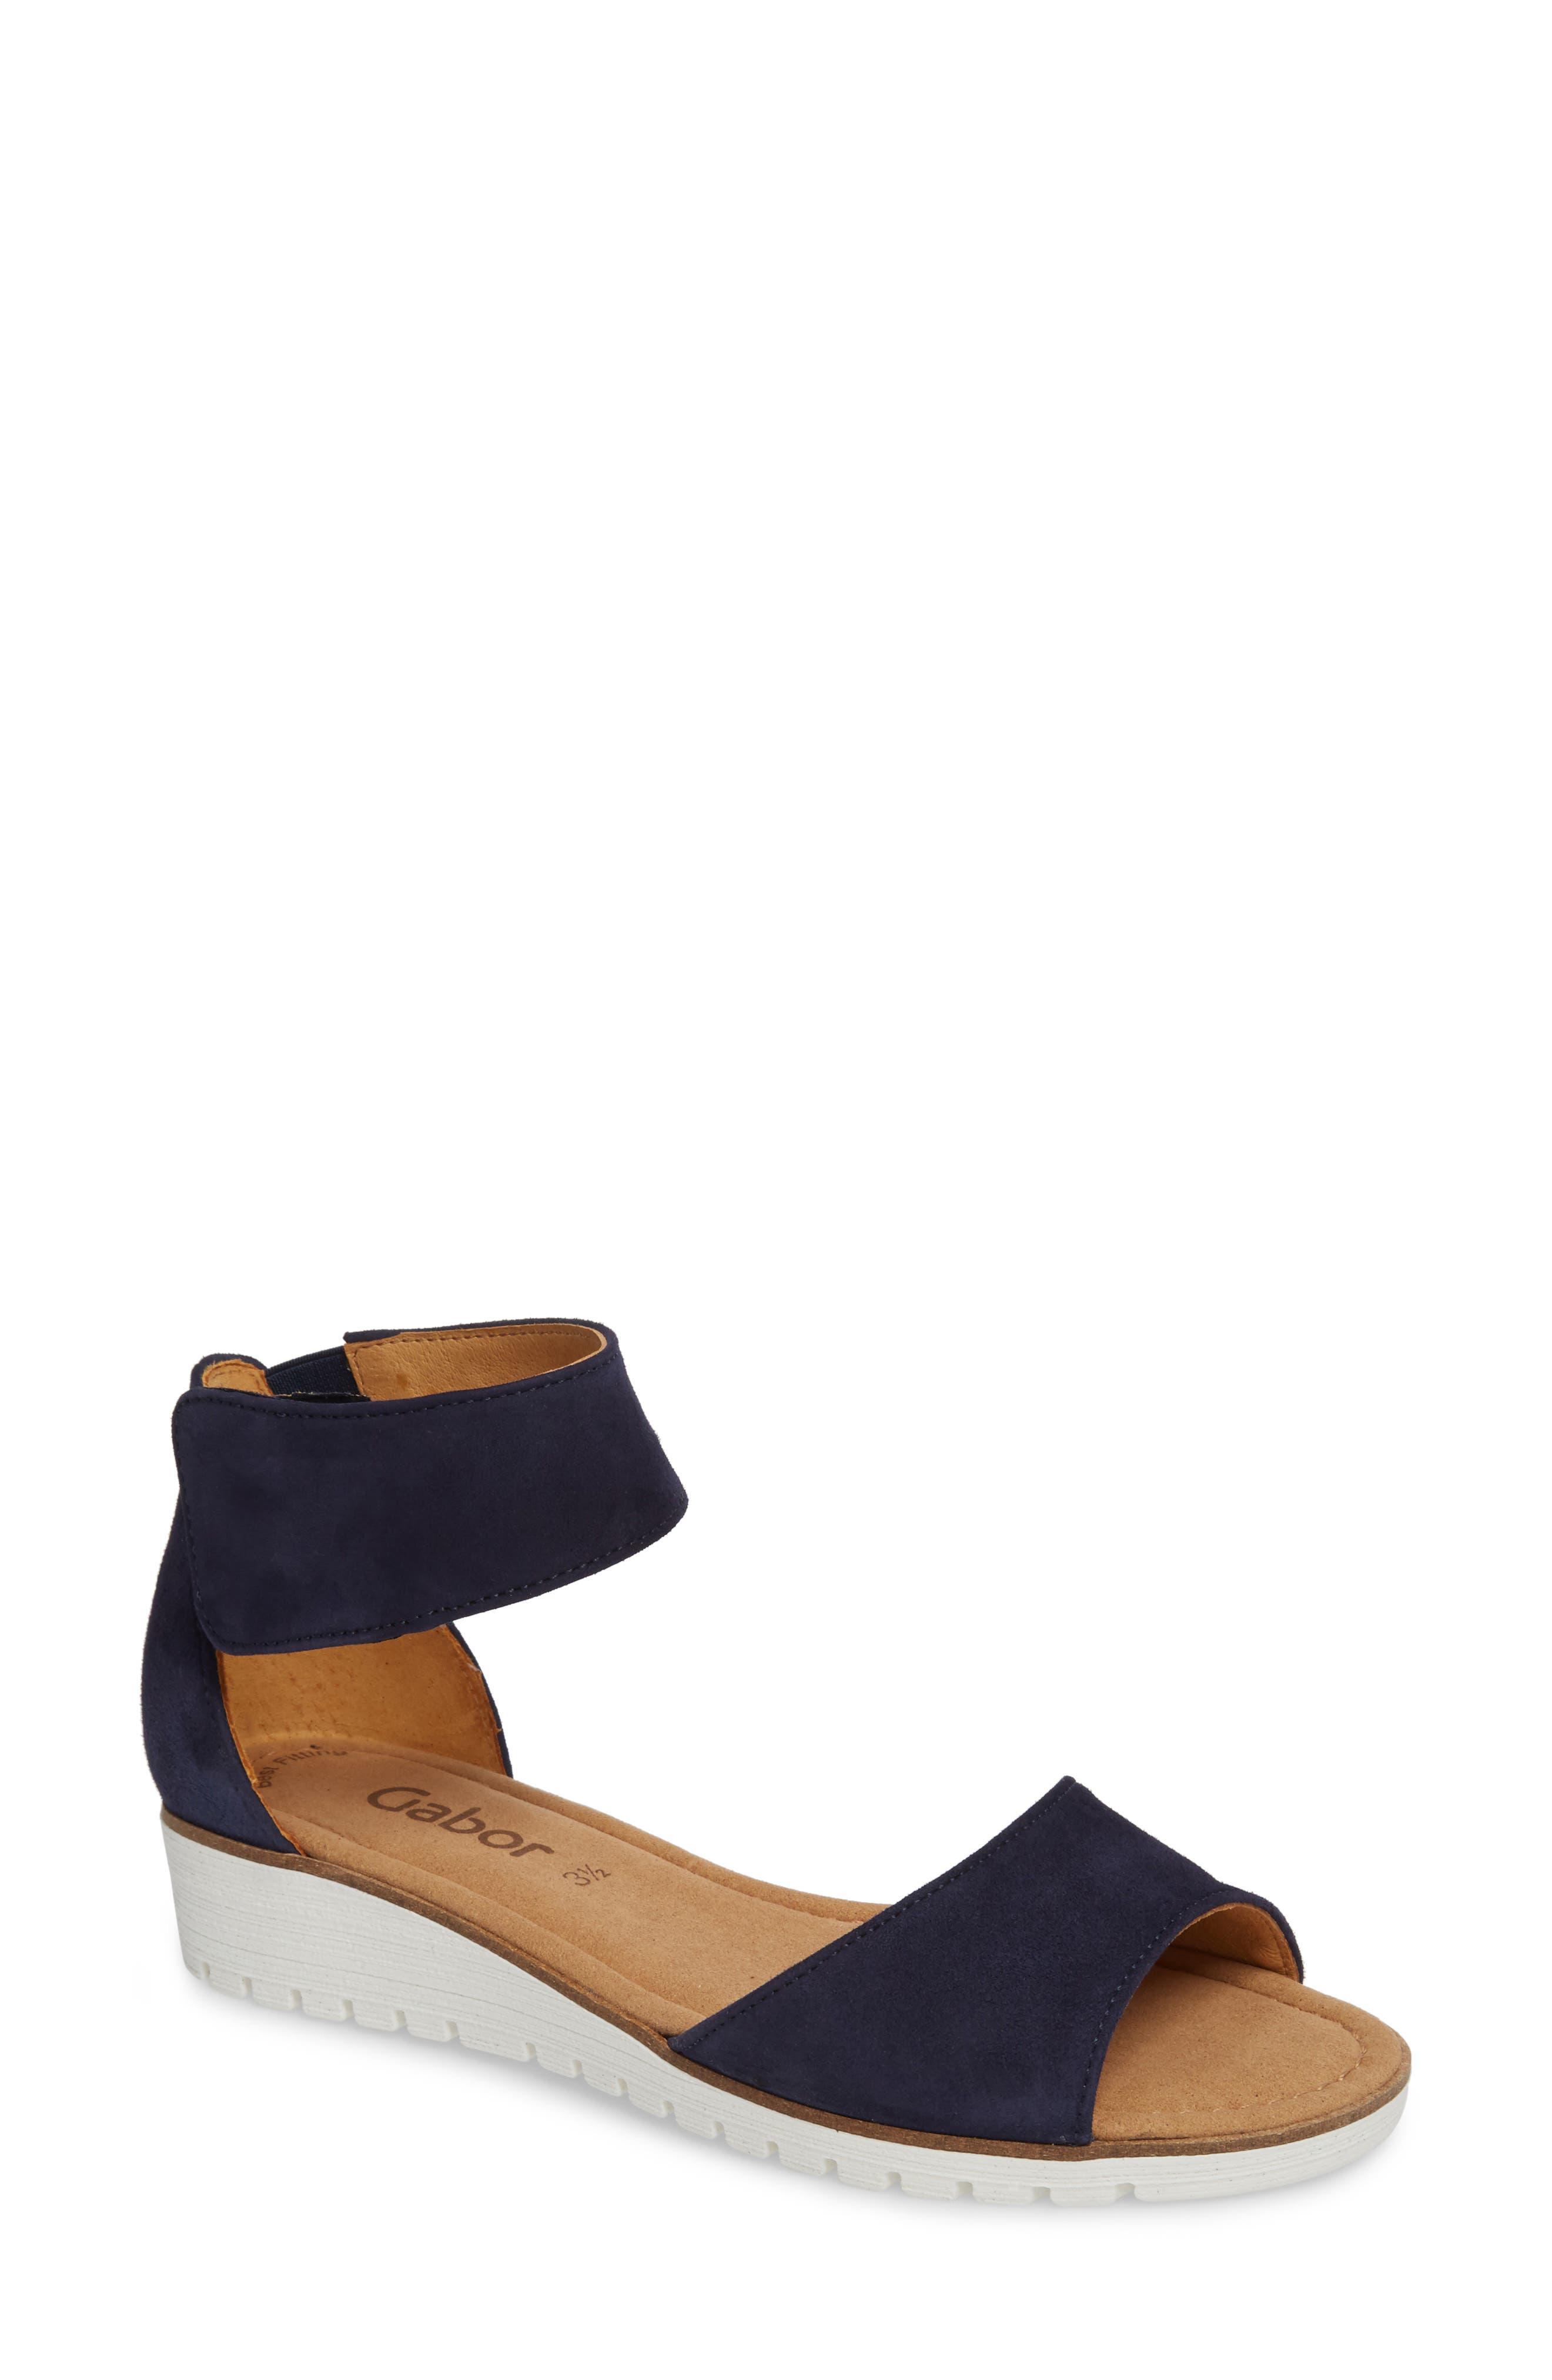 Ankle Strap Sandal,                             Main thumbnail 1, color,                             BLUE SUEDE